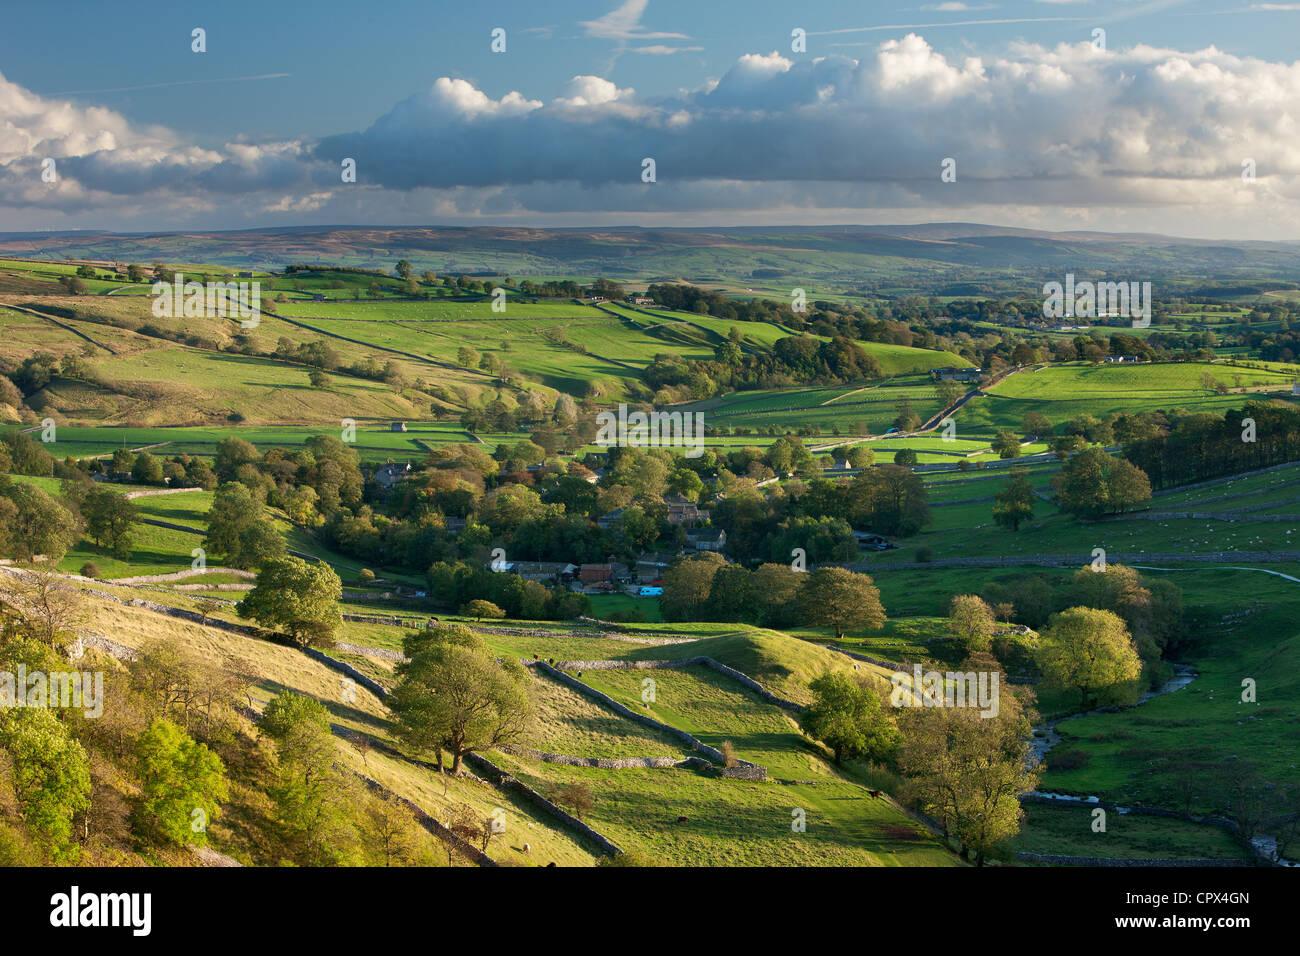 Malham, Yorkshire Dales, England, UK - Stock Image